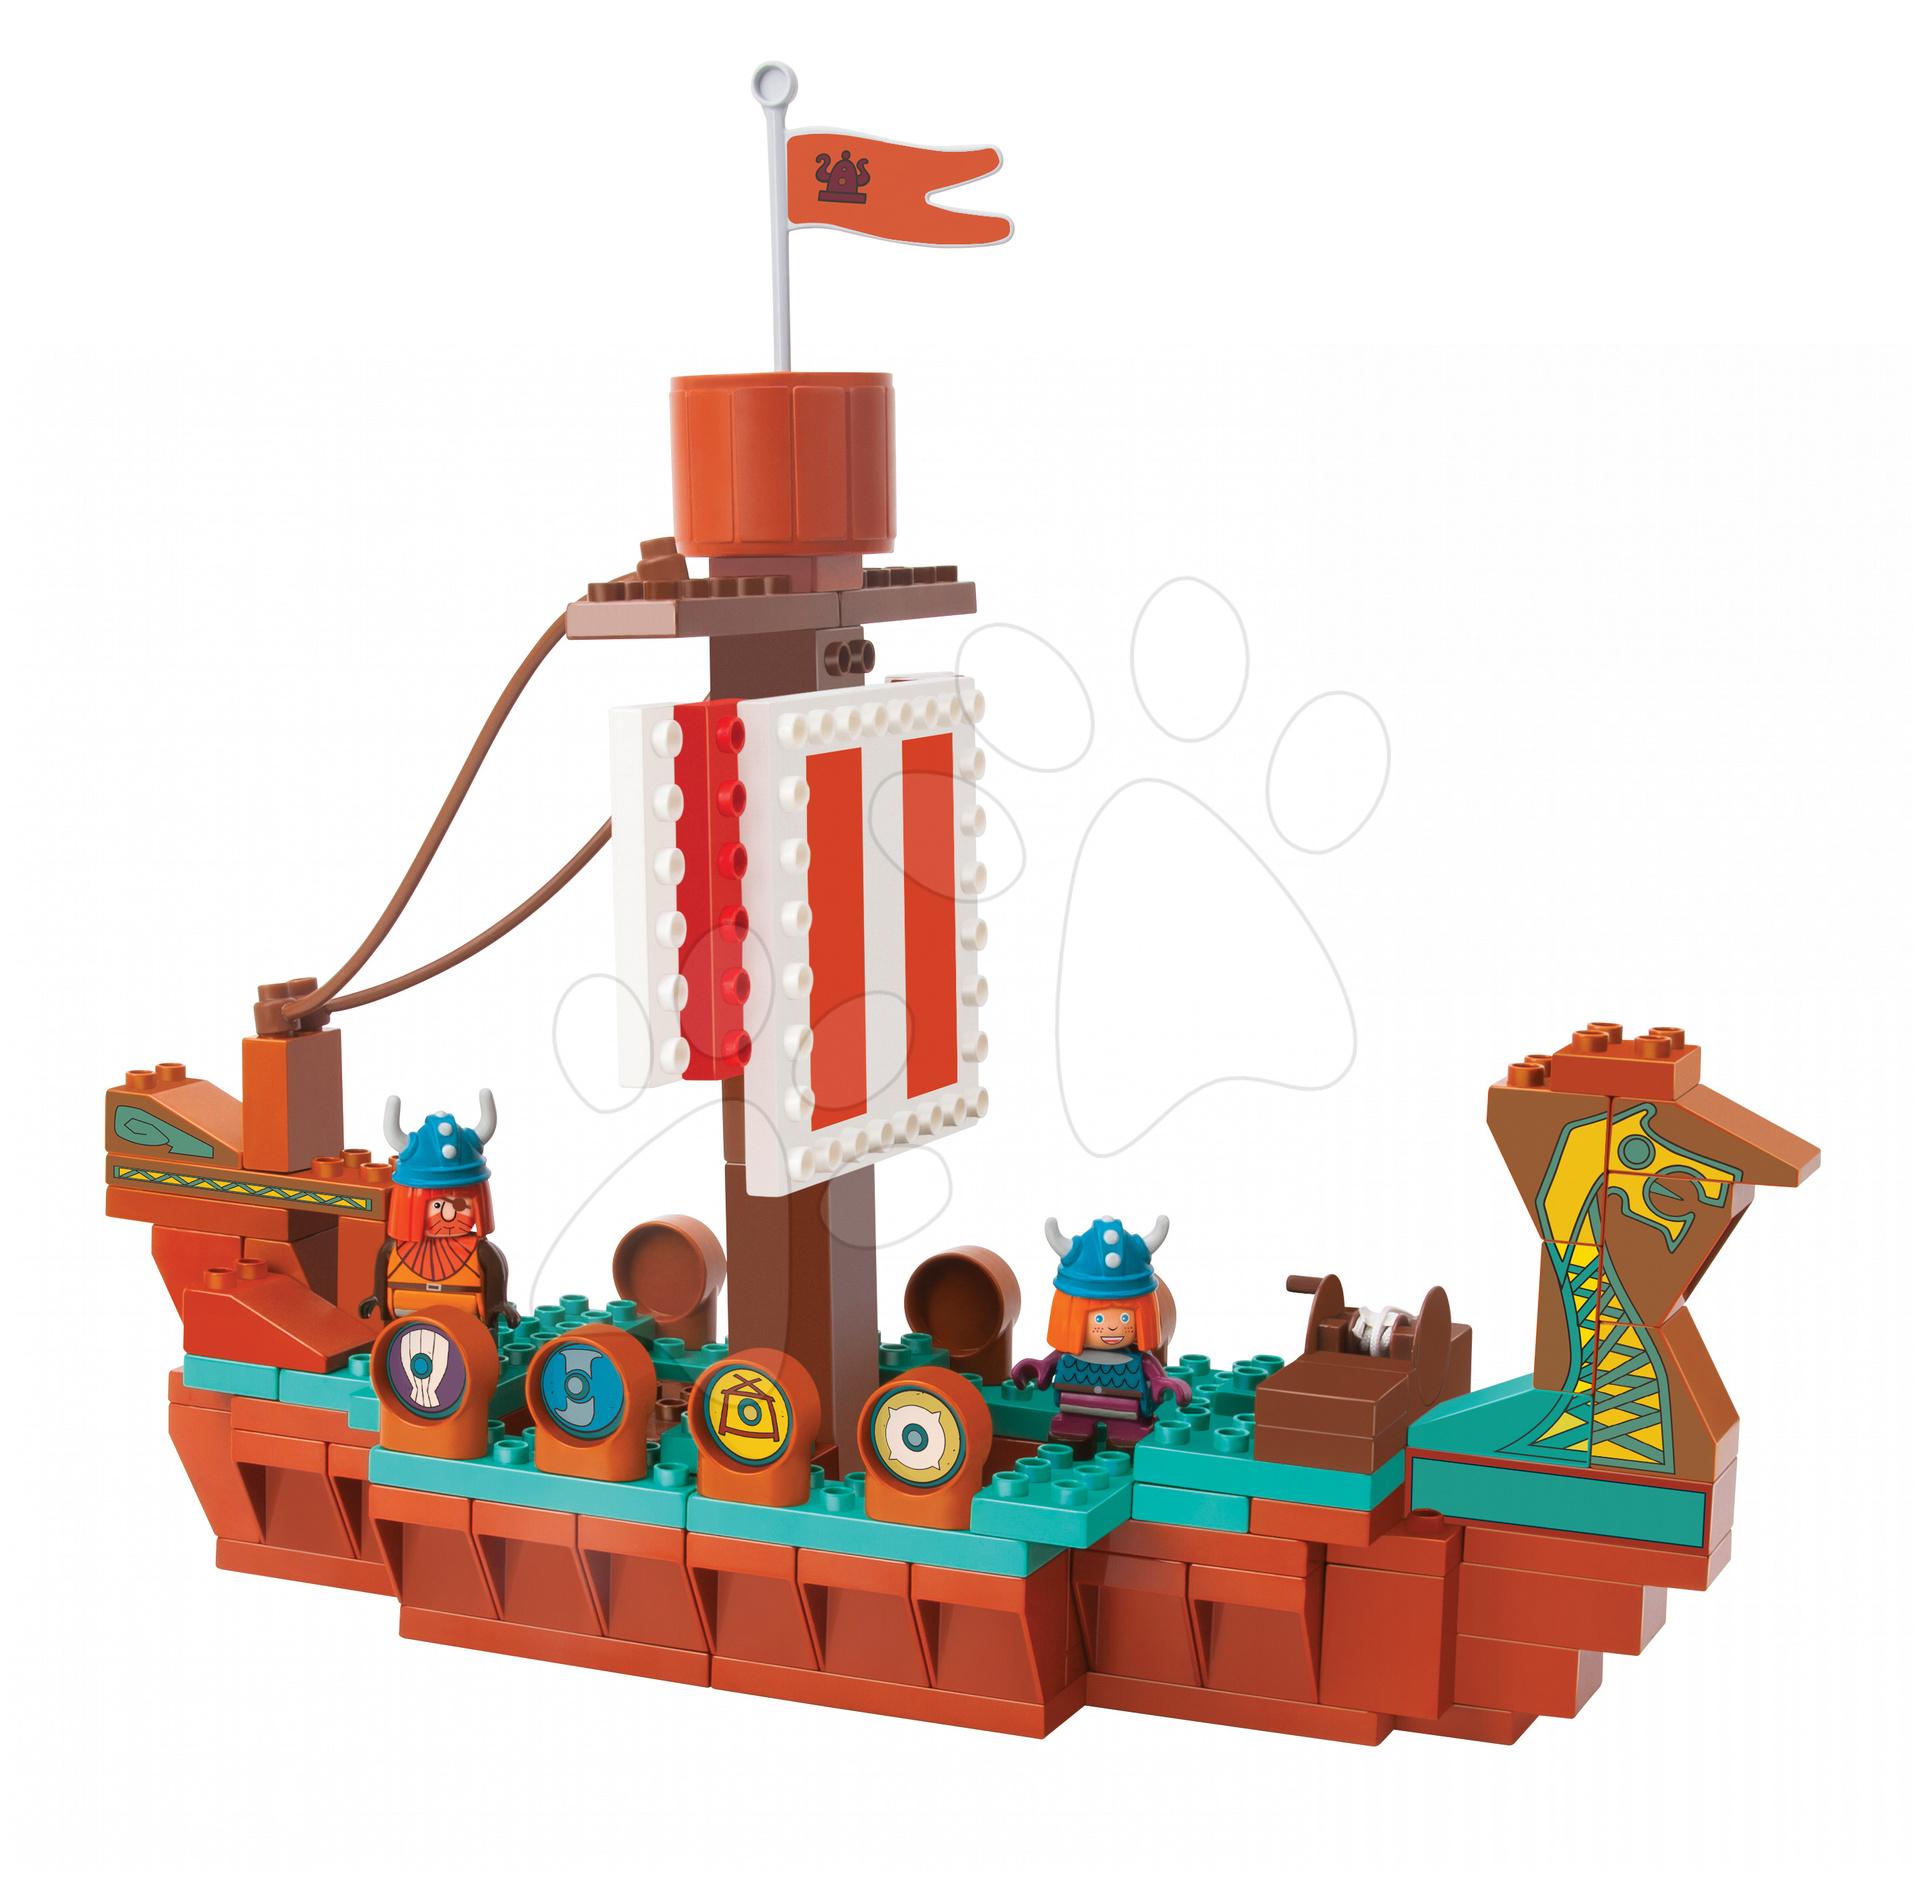 Nezaradené - Stavebnica PlayBIG Bloxx BIG Wickie loď vikingov s 2 figúrkami 124 kusov od 1,5 - 5 rokov